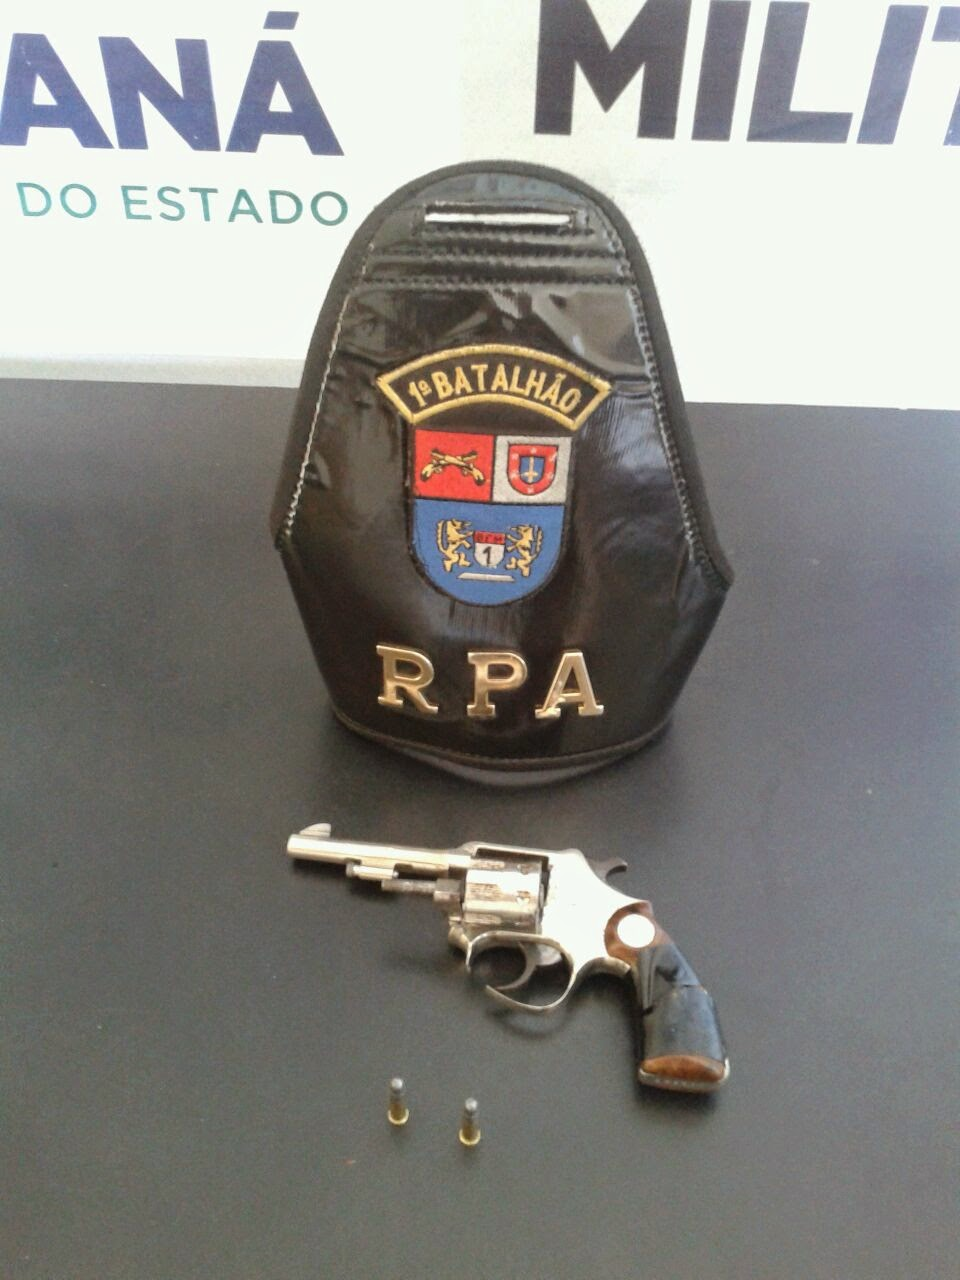 Notícias de Castro, polícia apreende revolver calibre 22 em Castro